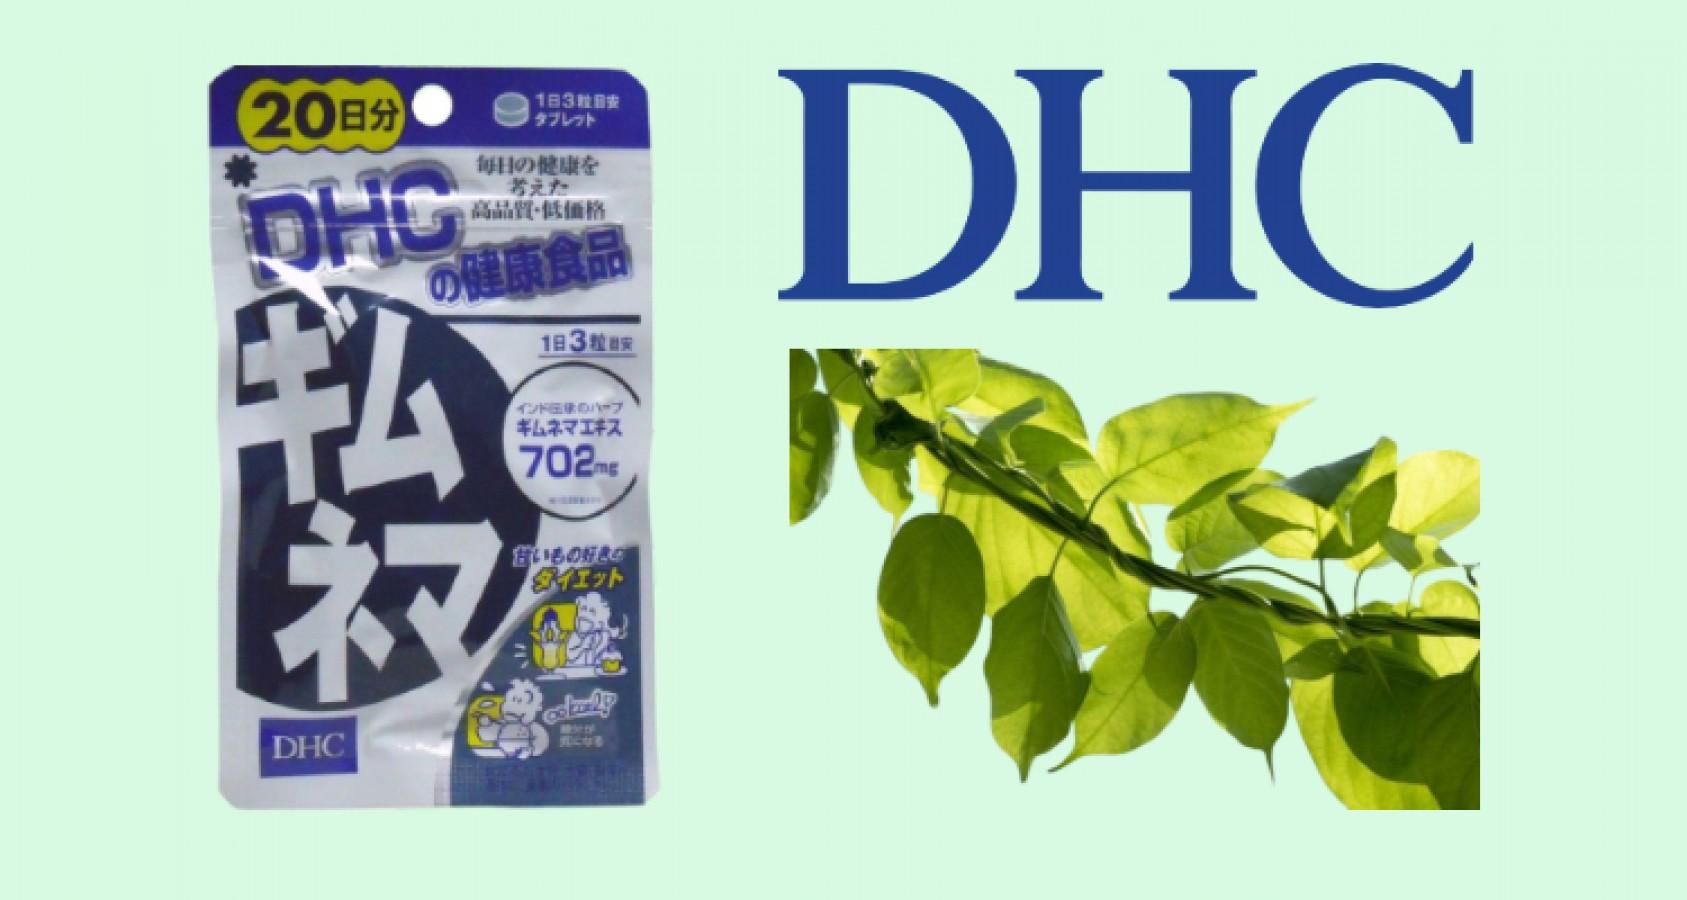 Viên Uống Dây Thìa Canh Ổn Định Đường Huyết DHC Từ Nhật Bản